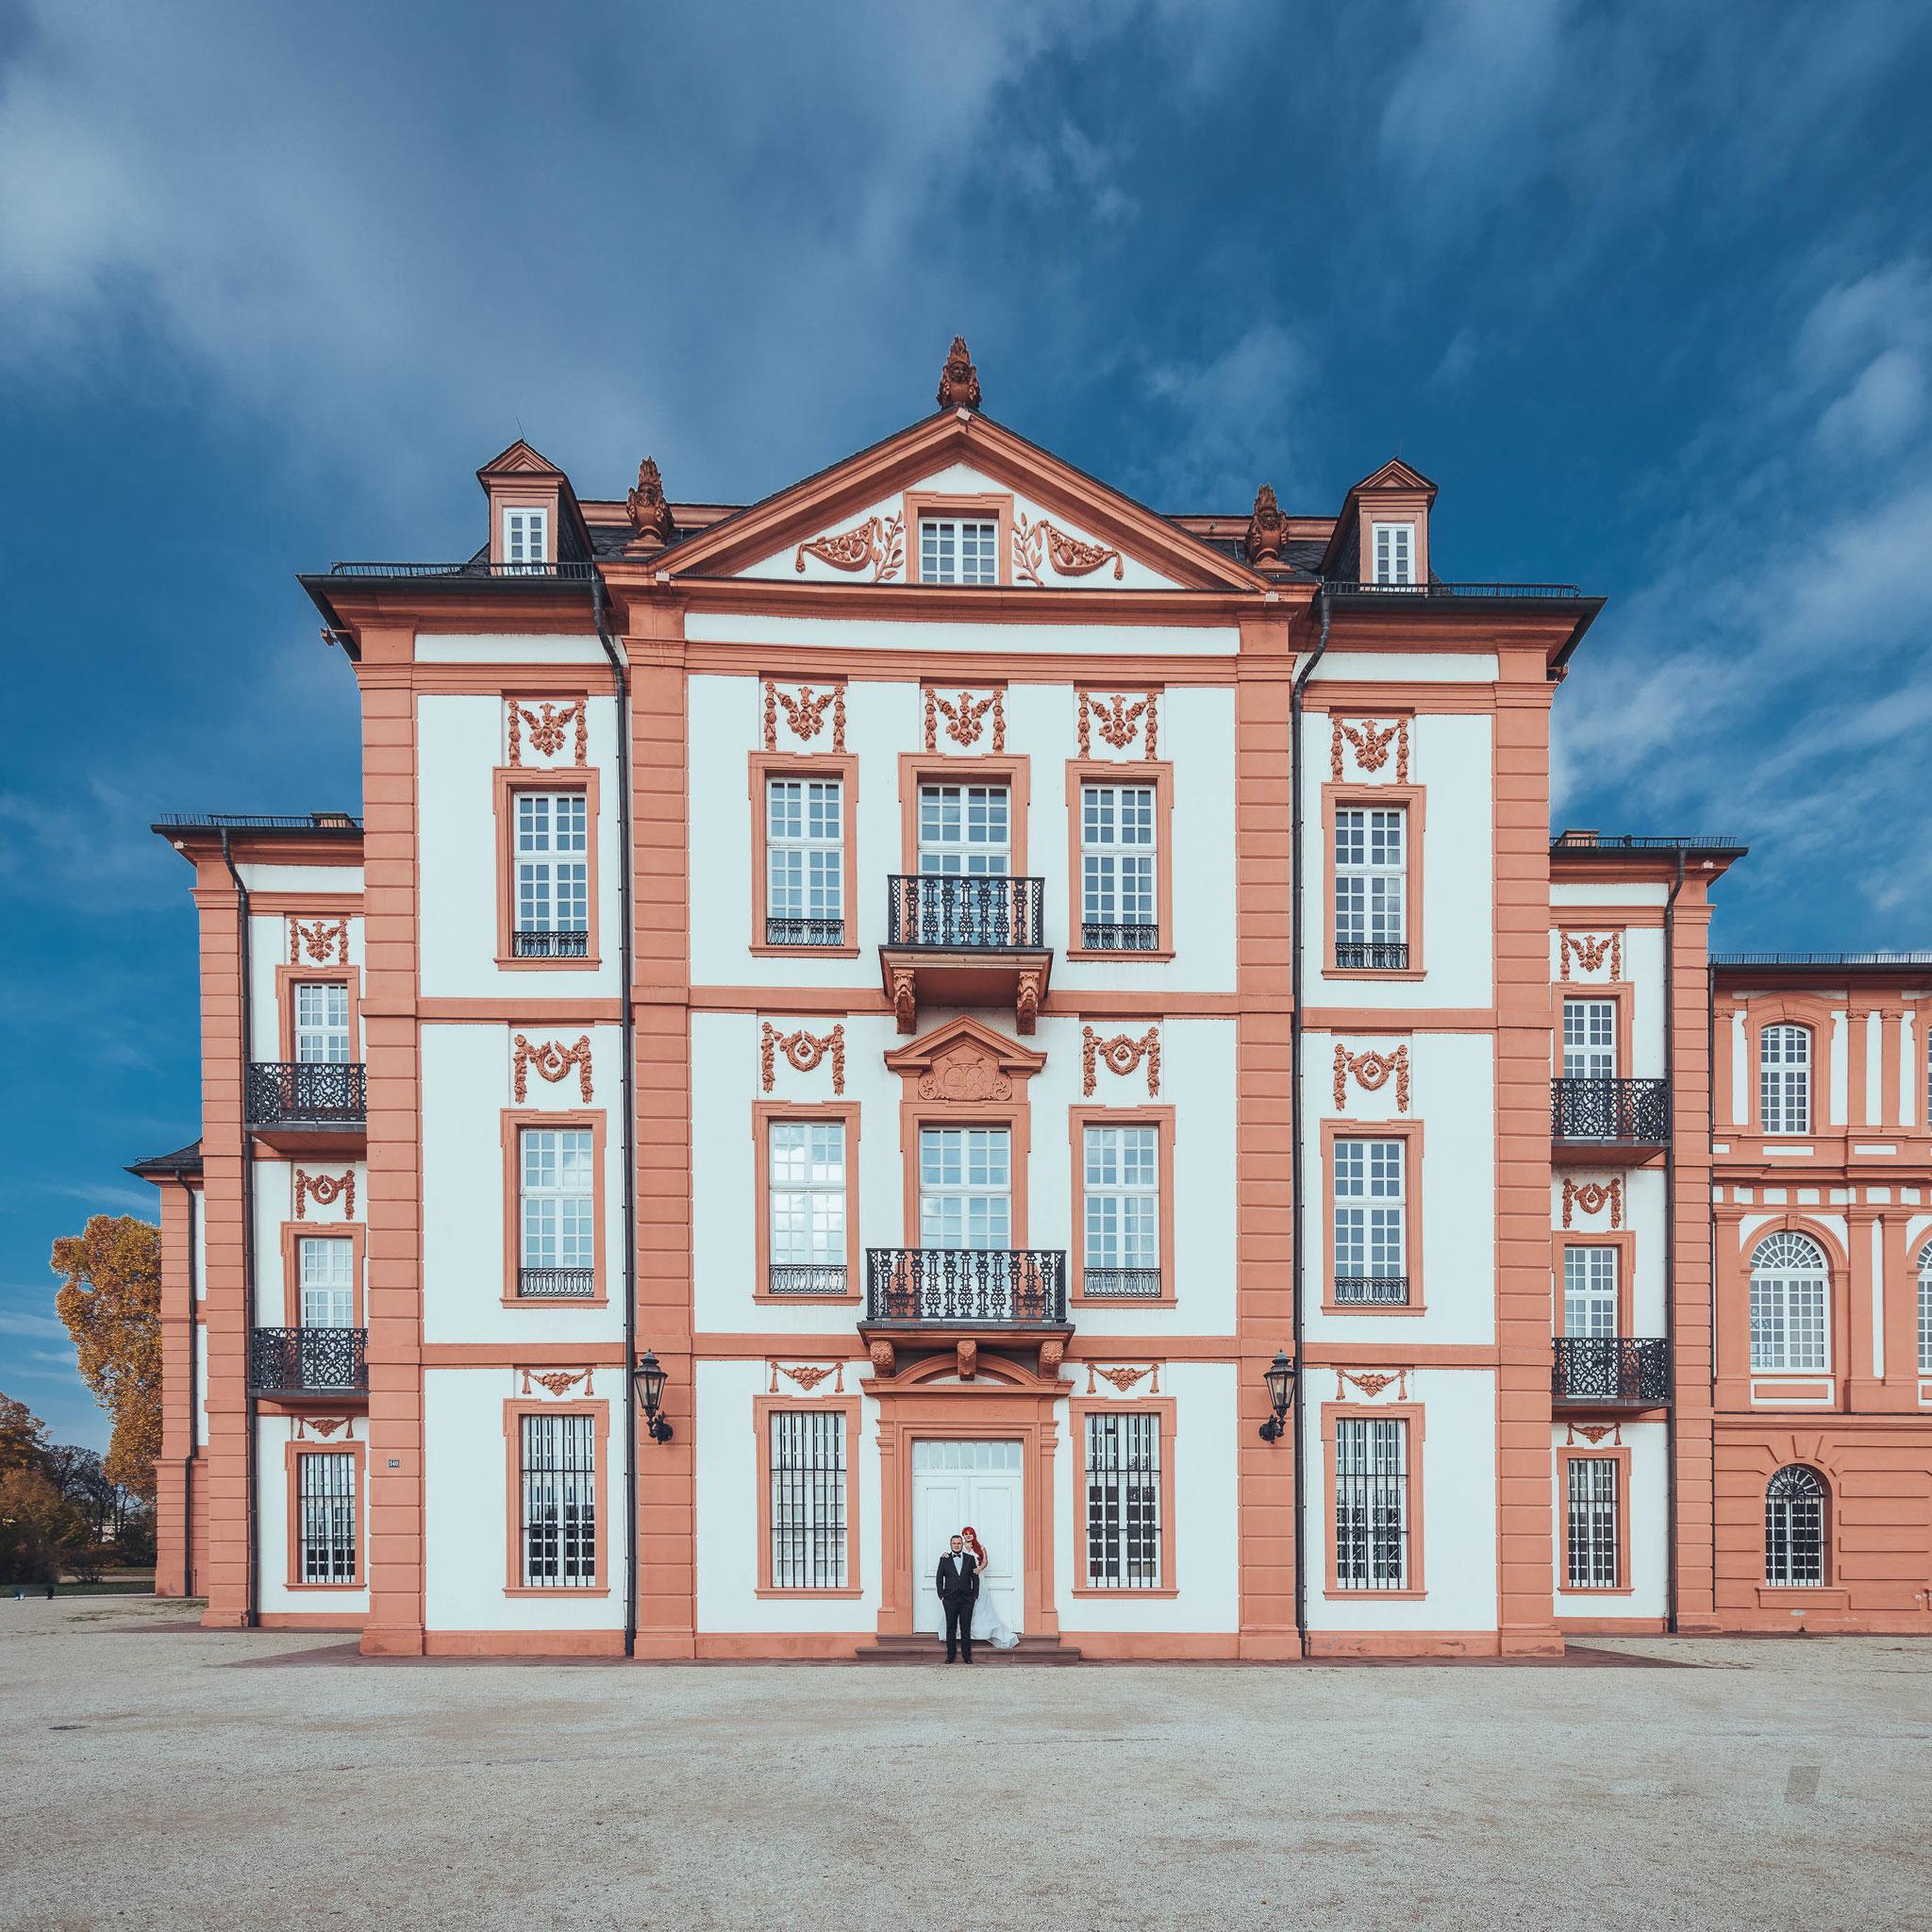 Foto und Video für internationale Hochzeit in Würzburg, Kassel, Mannheim, Koblenz, Bad Homburg